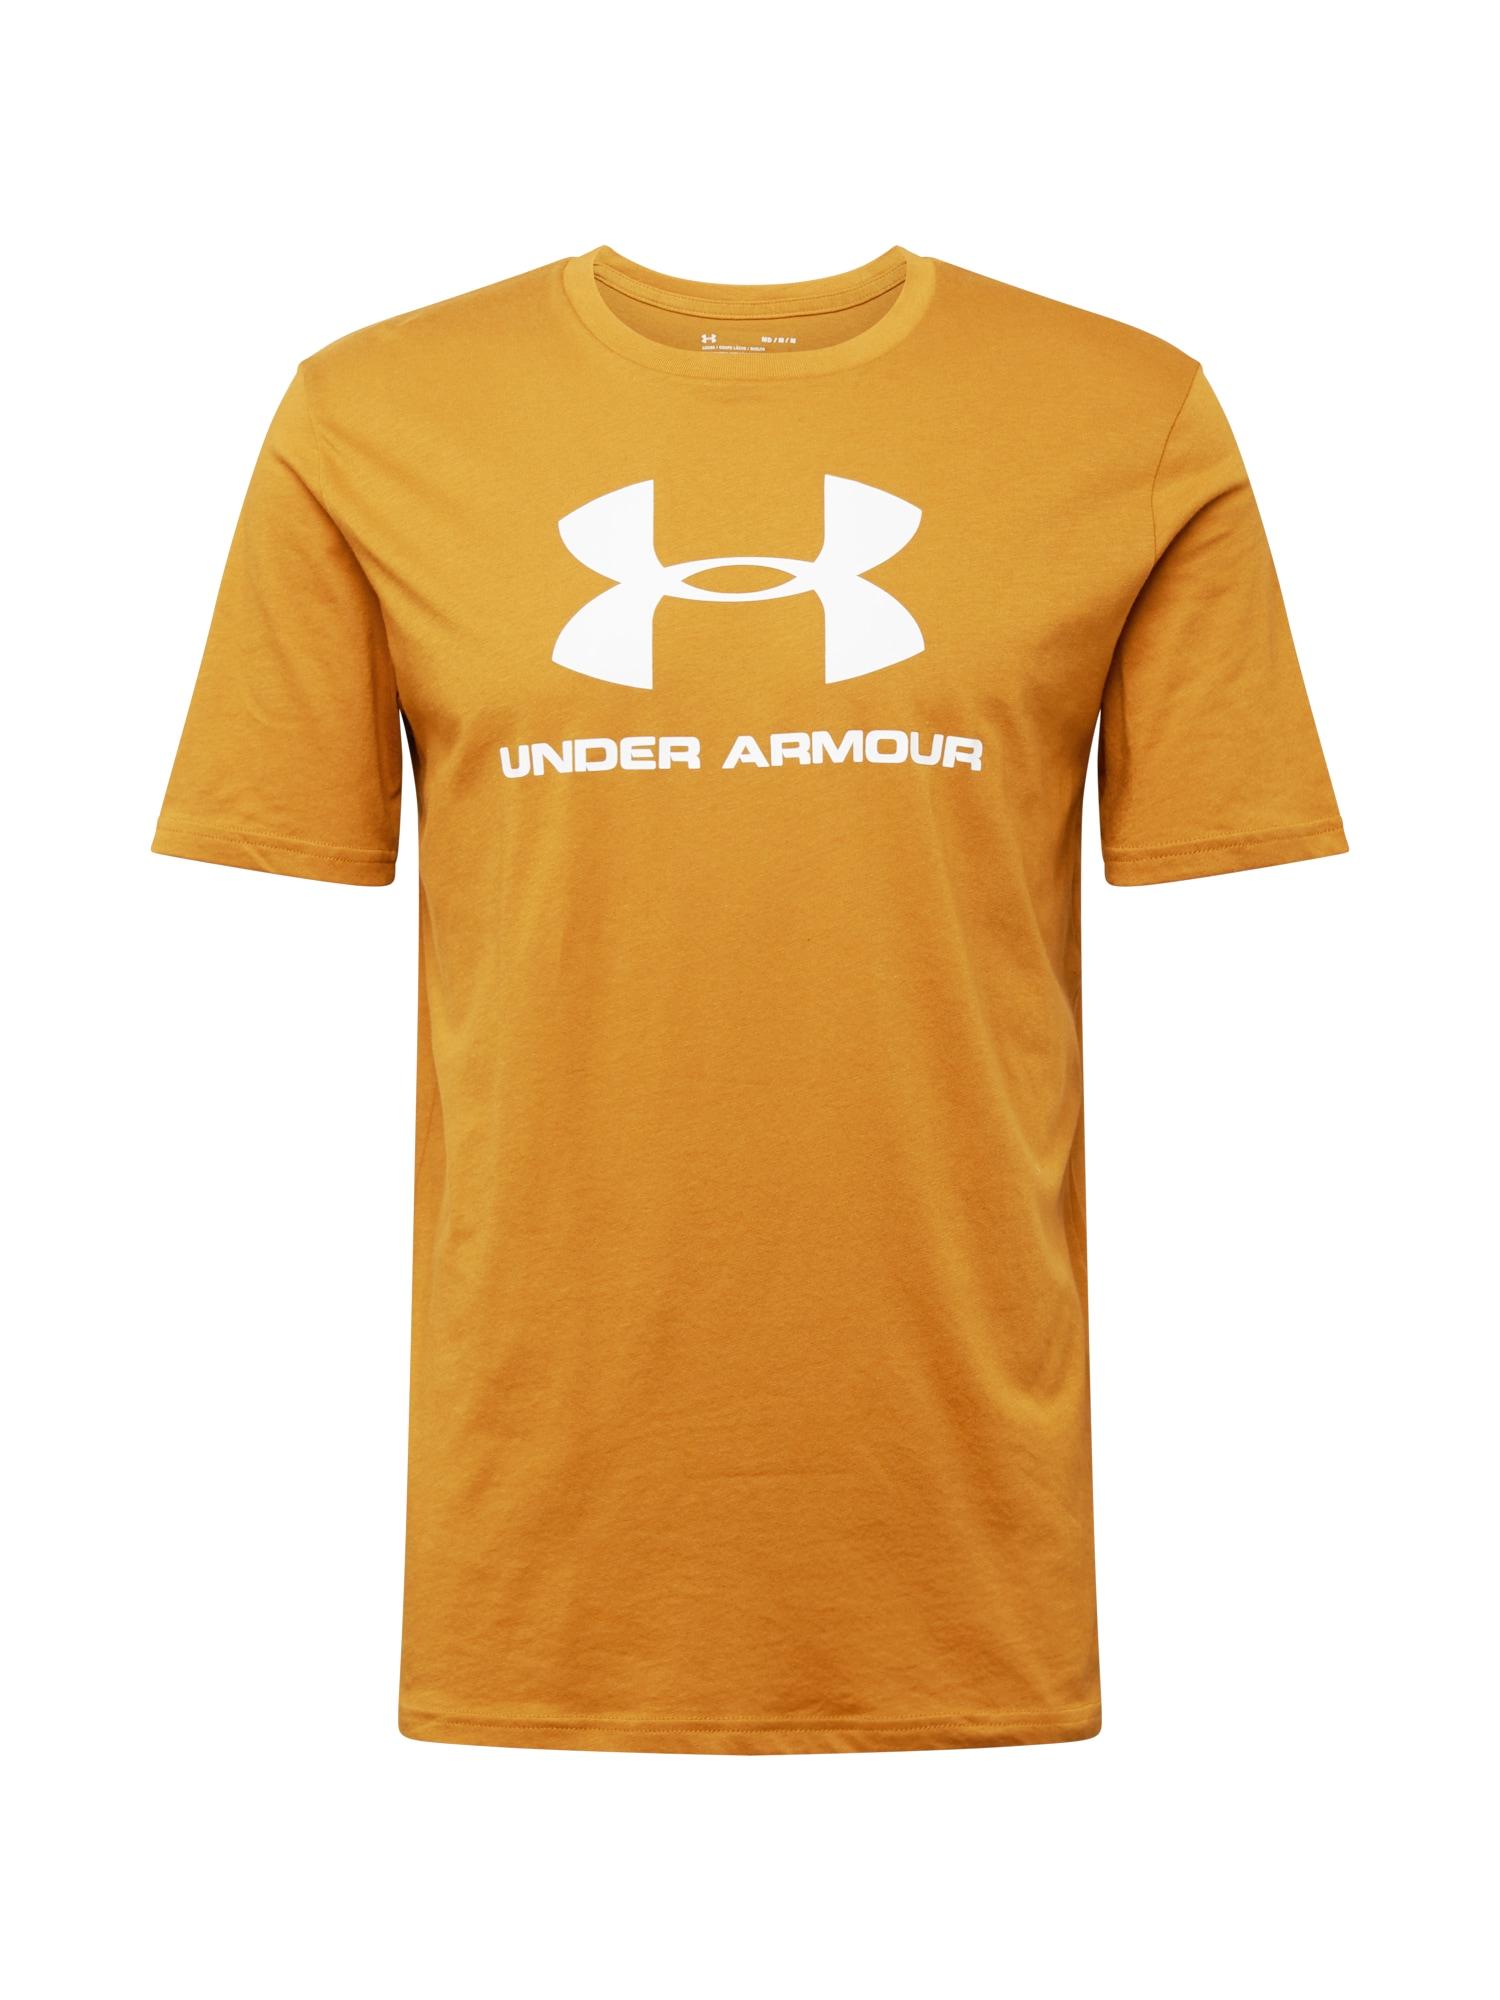 UNDER ARMOUR Funkční tričko  tmavě žlutá / bílá